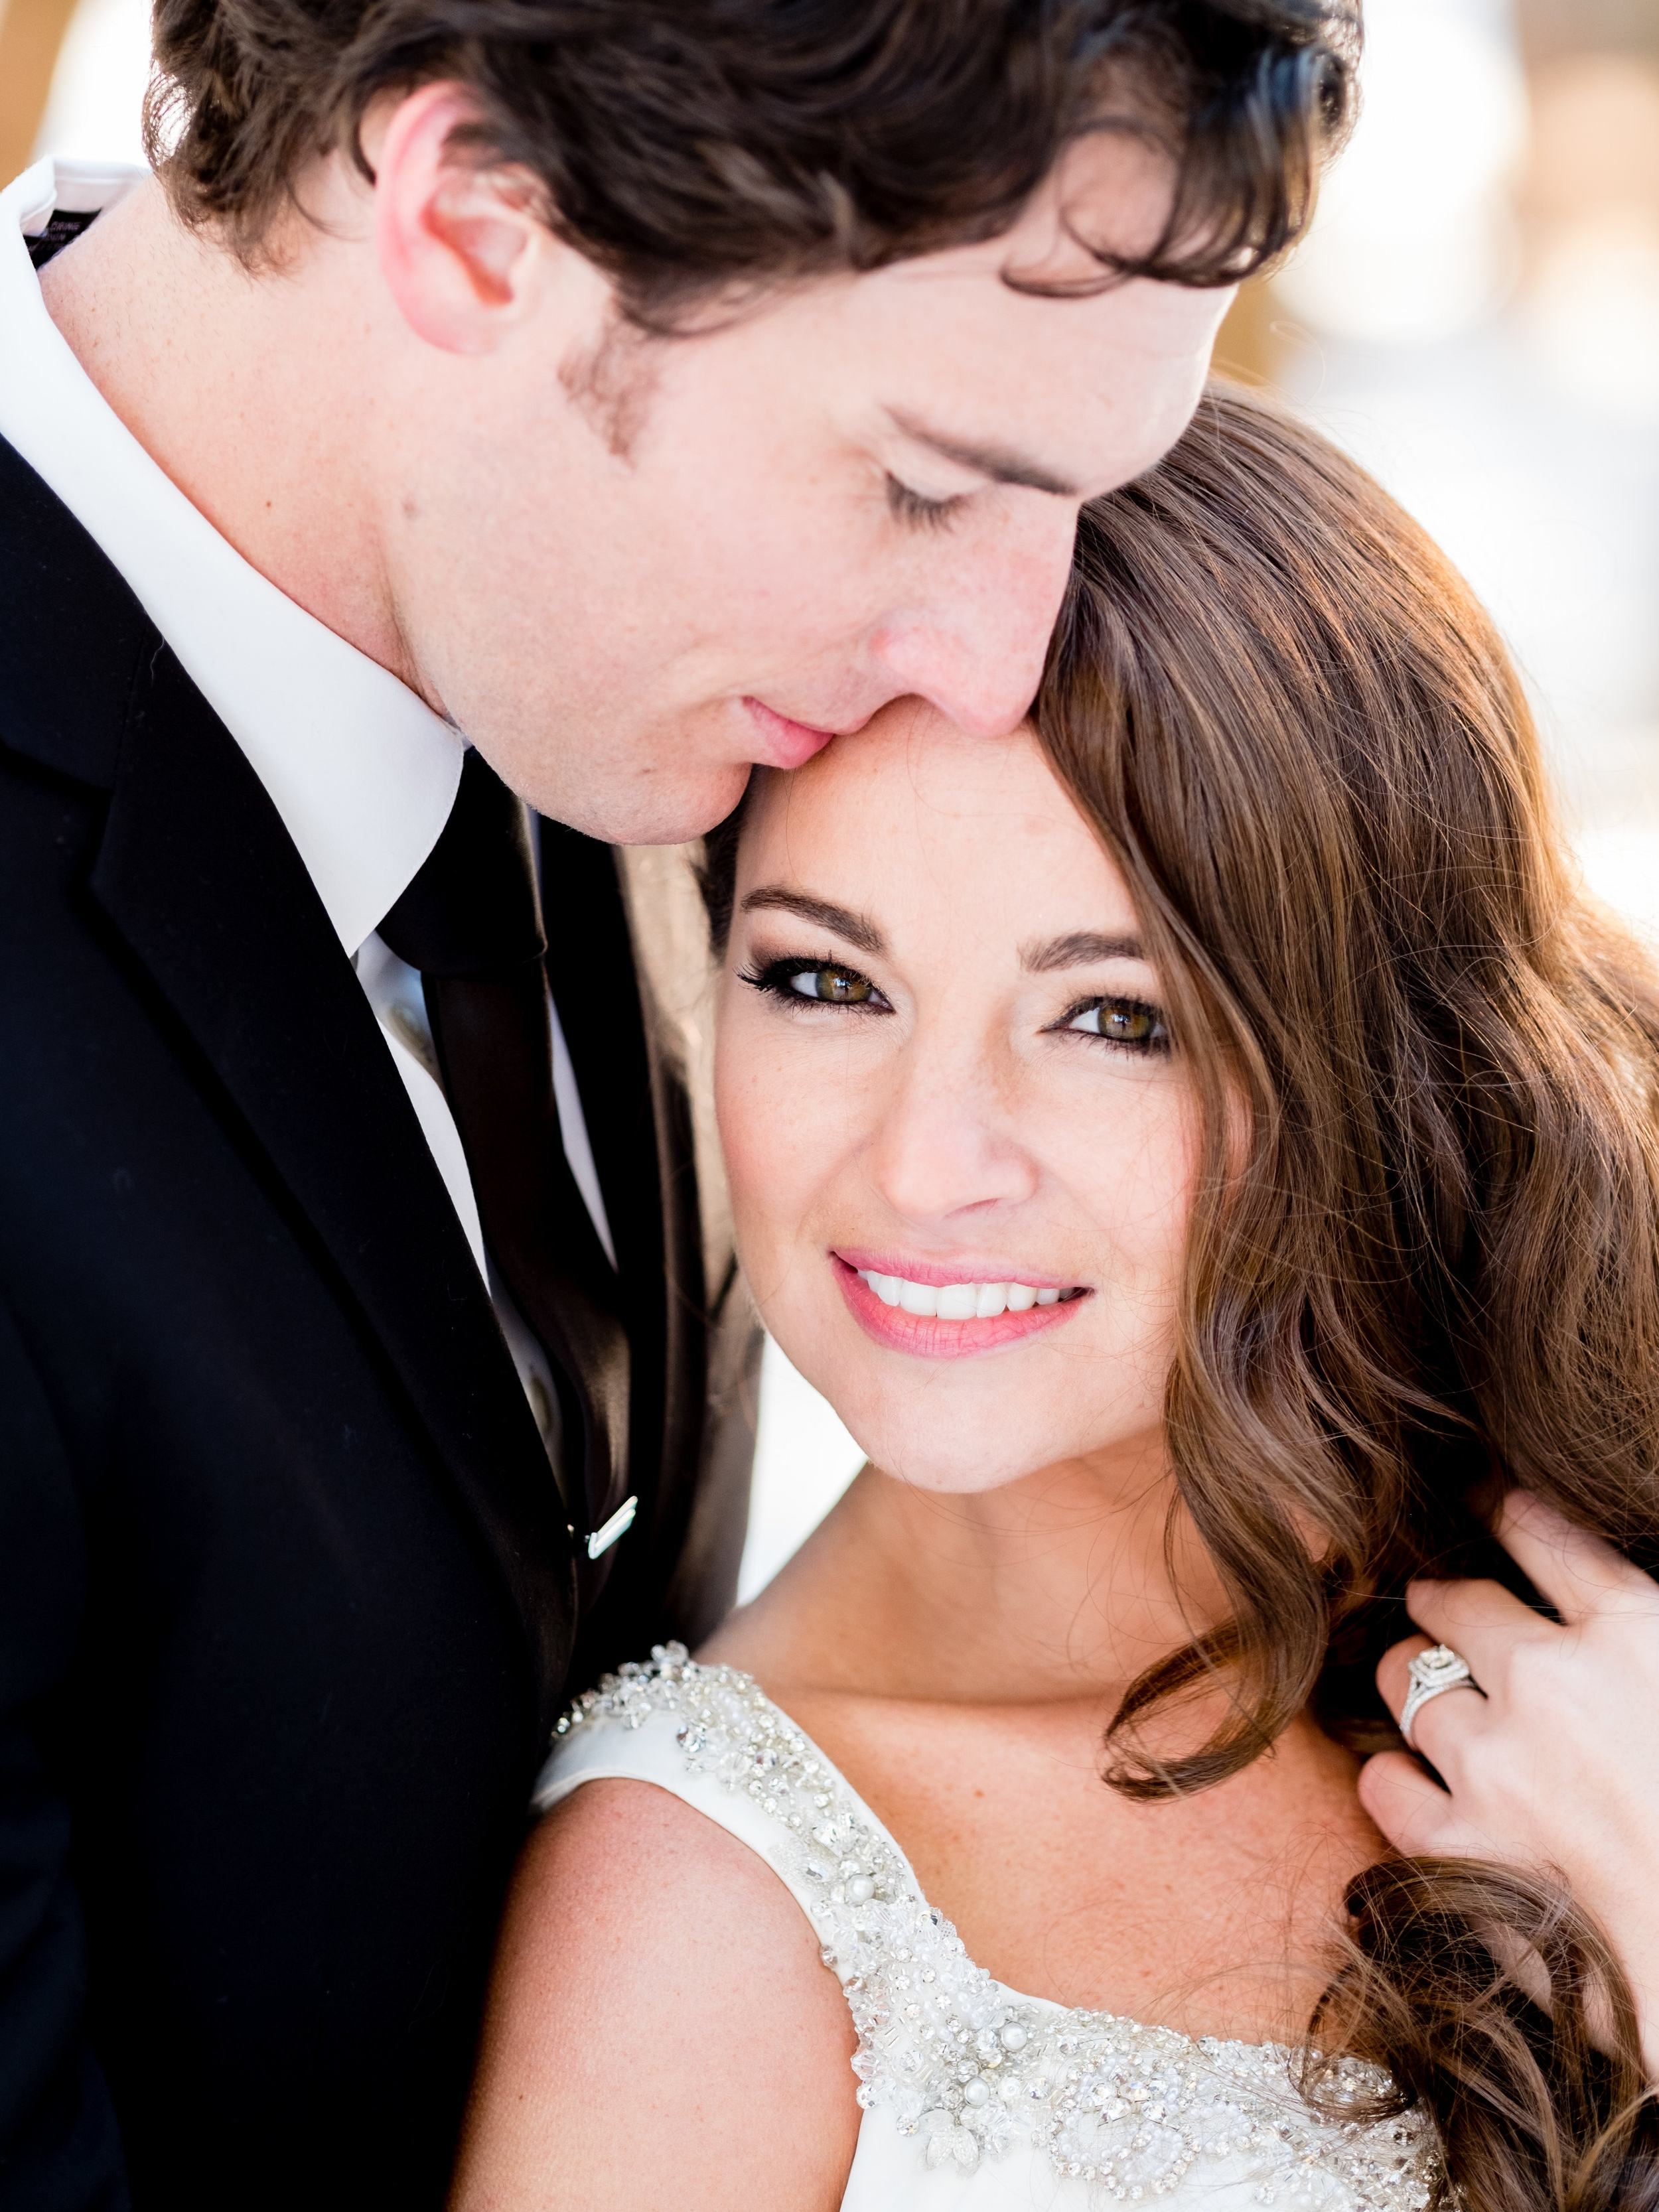 winter wedding images in brainerd, mn